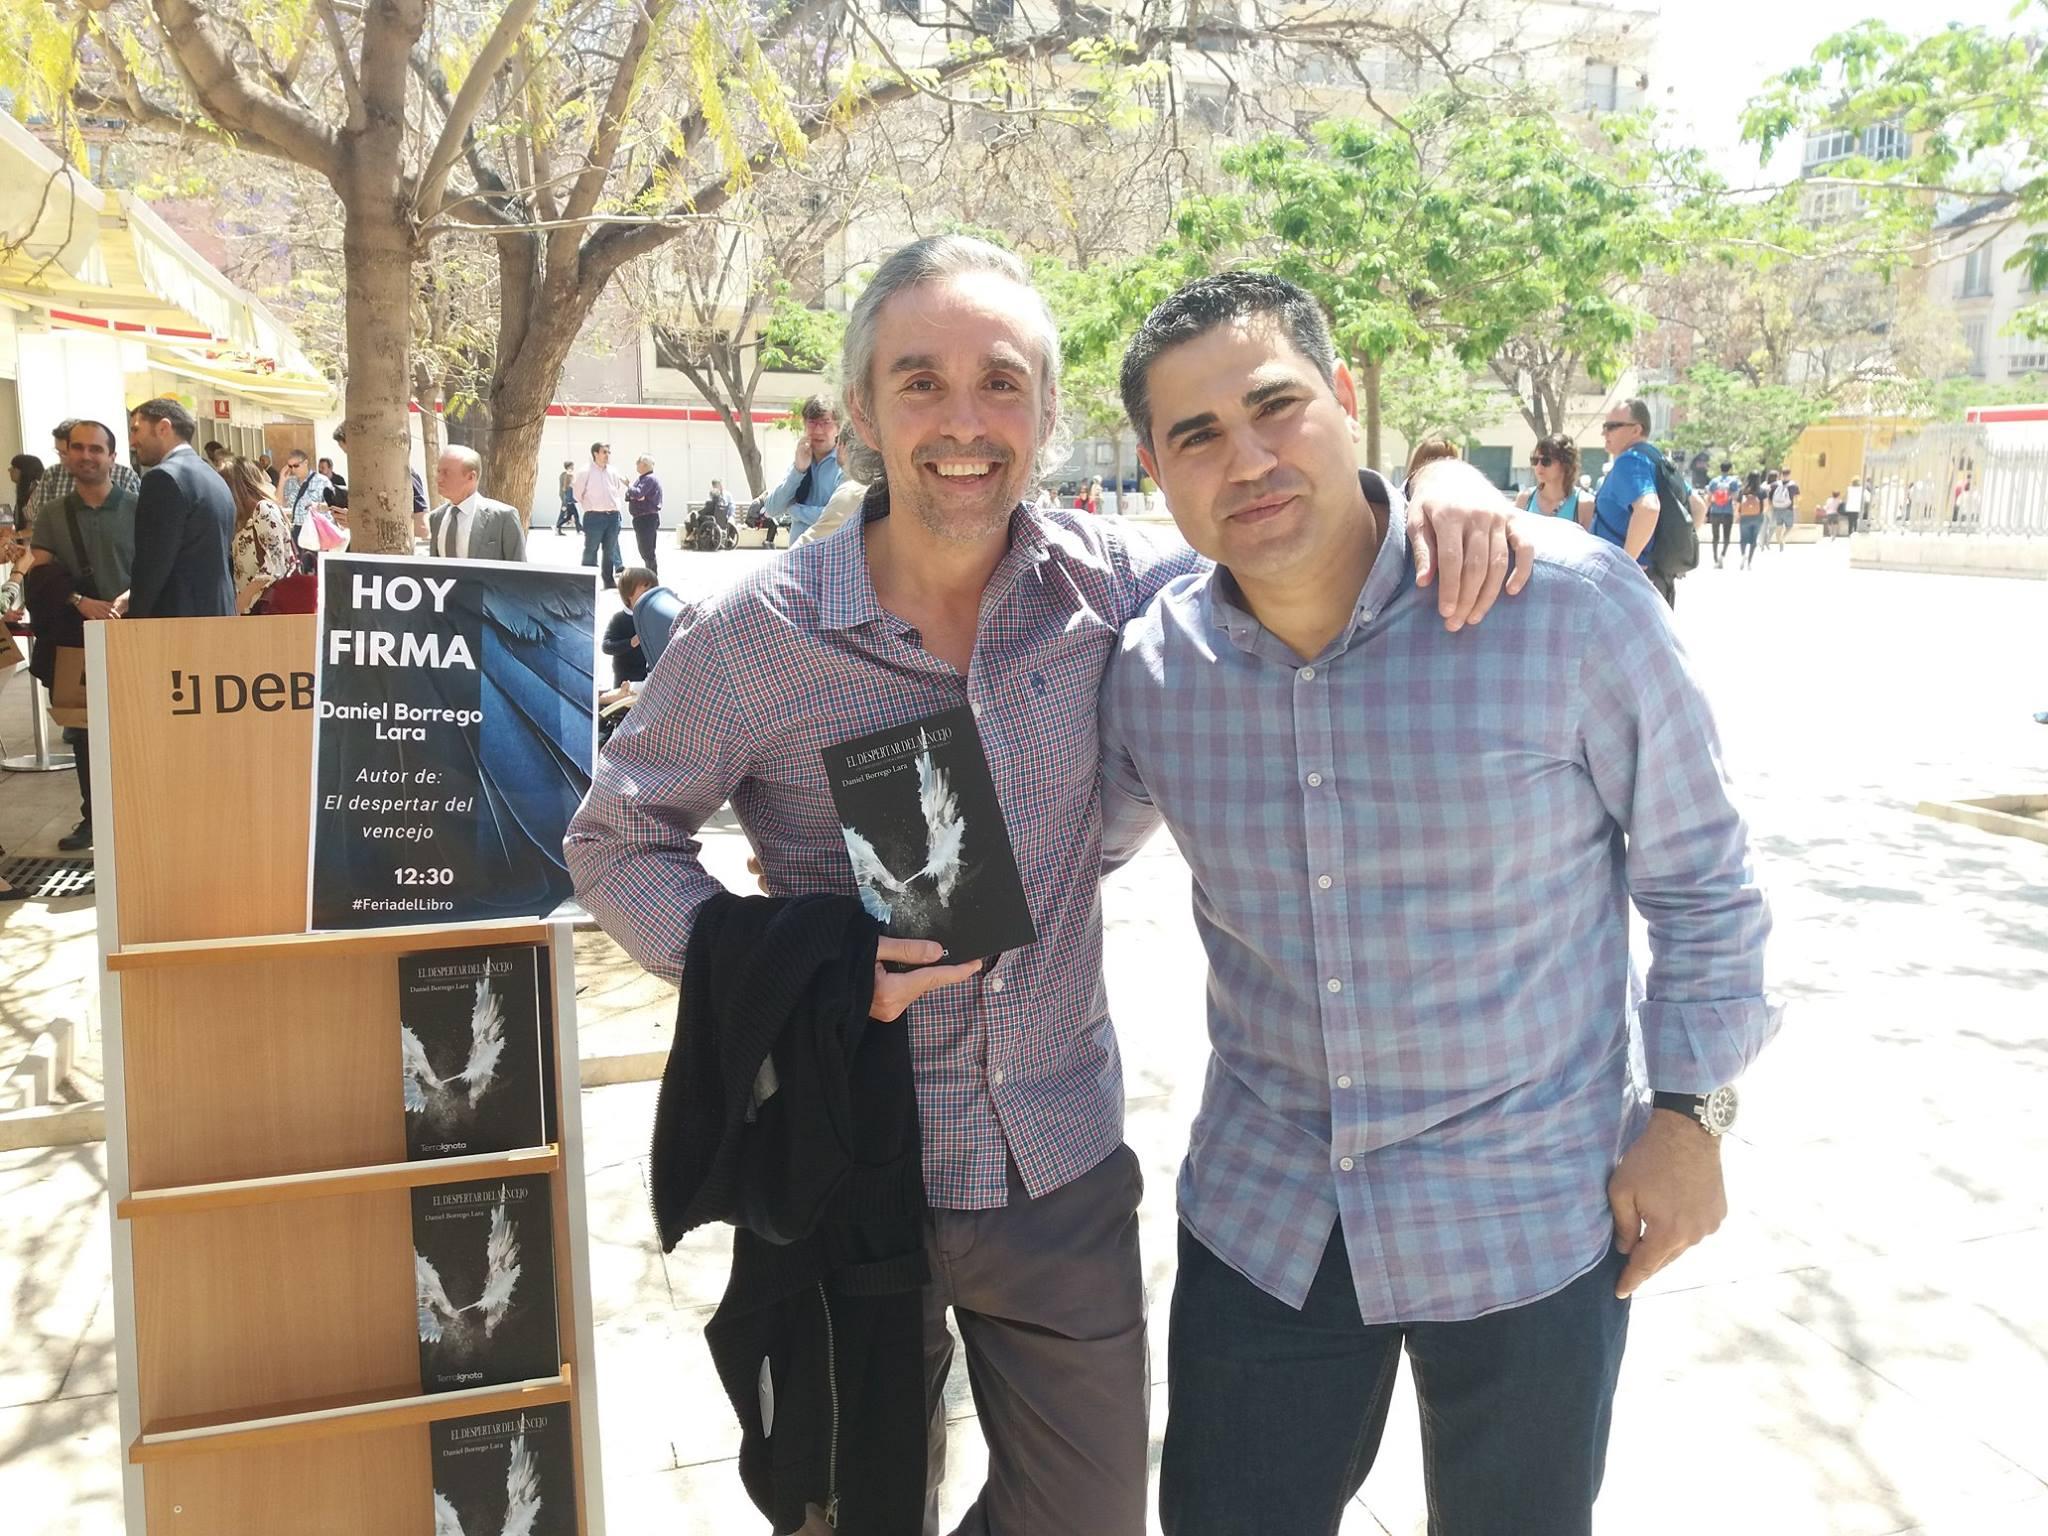 Publicar-un-libro-editar-Madrid-Barcelona-cataluña-españa-català-Andalucia-coedicion-autoedicion-cine-literatura-daniel-borrego-el-despertar-del-vencejo-feria-del-libro-1